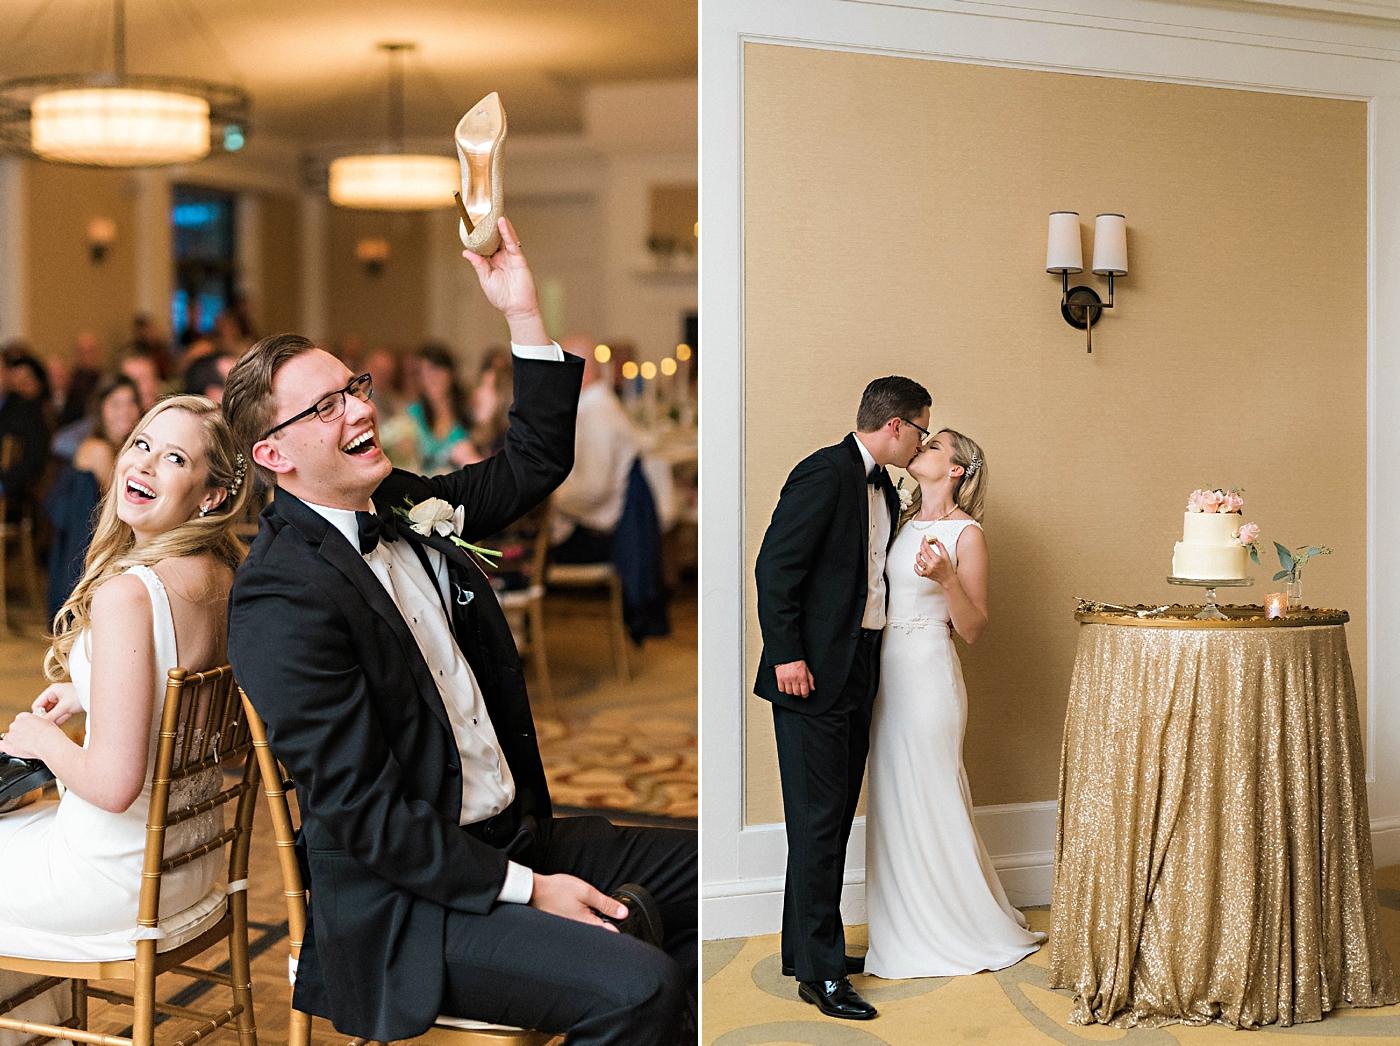 Halifax-Wedding-Photographer-New Brunswick Wedding- Nicolle & Ethan49.jpeg